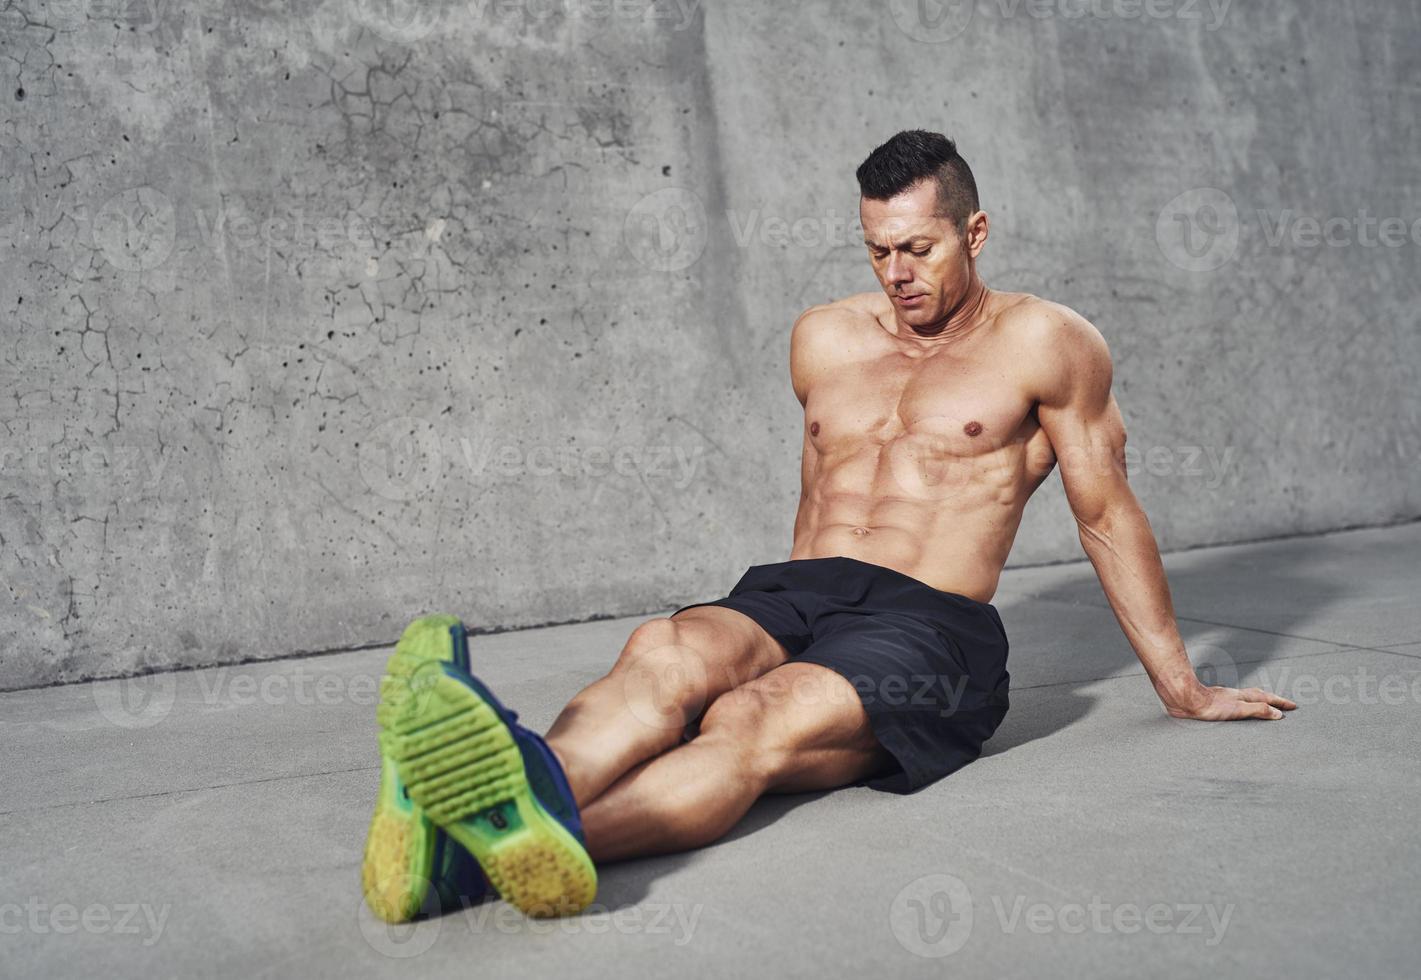 homme musclé se détendre après l'entraînement photo